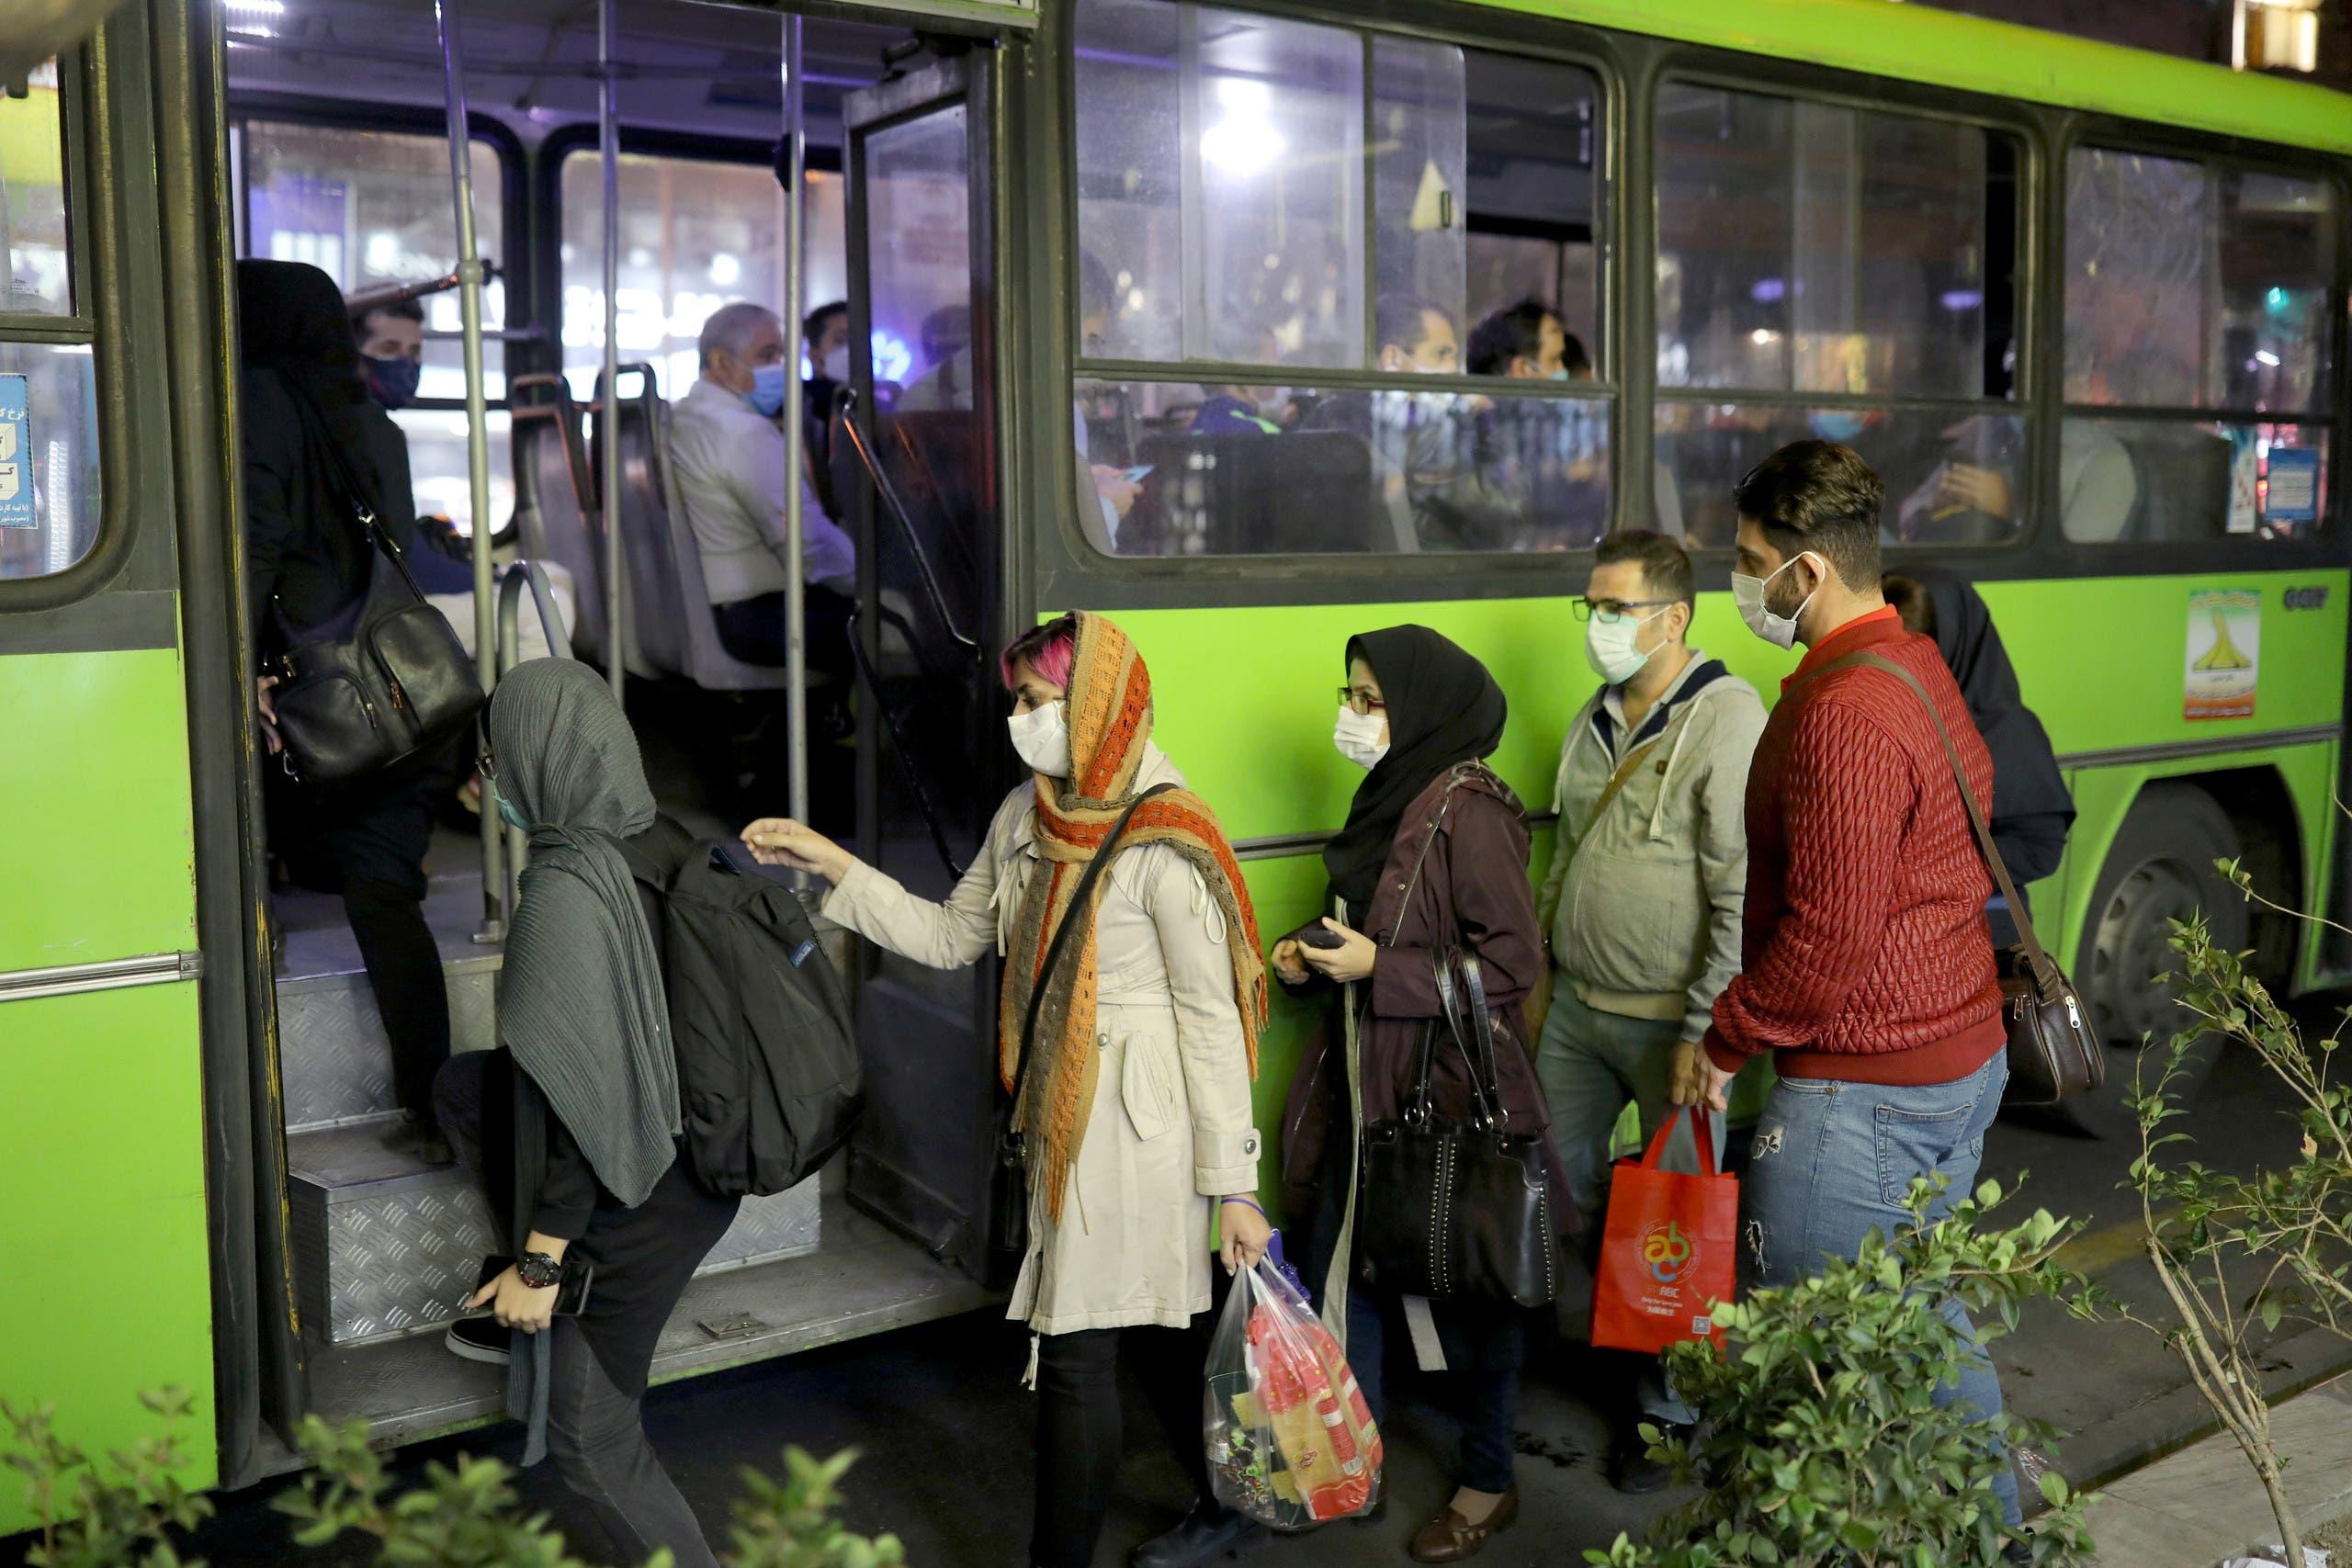 سكان في طهران يرتدون الكمامات للوقاية من كورونا خلال ركوبهم الباص